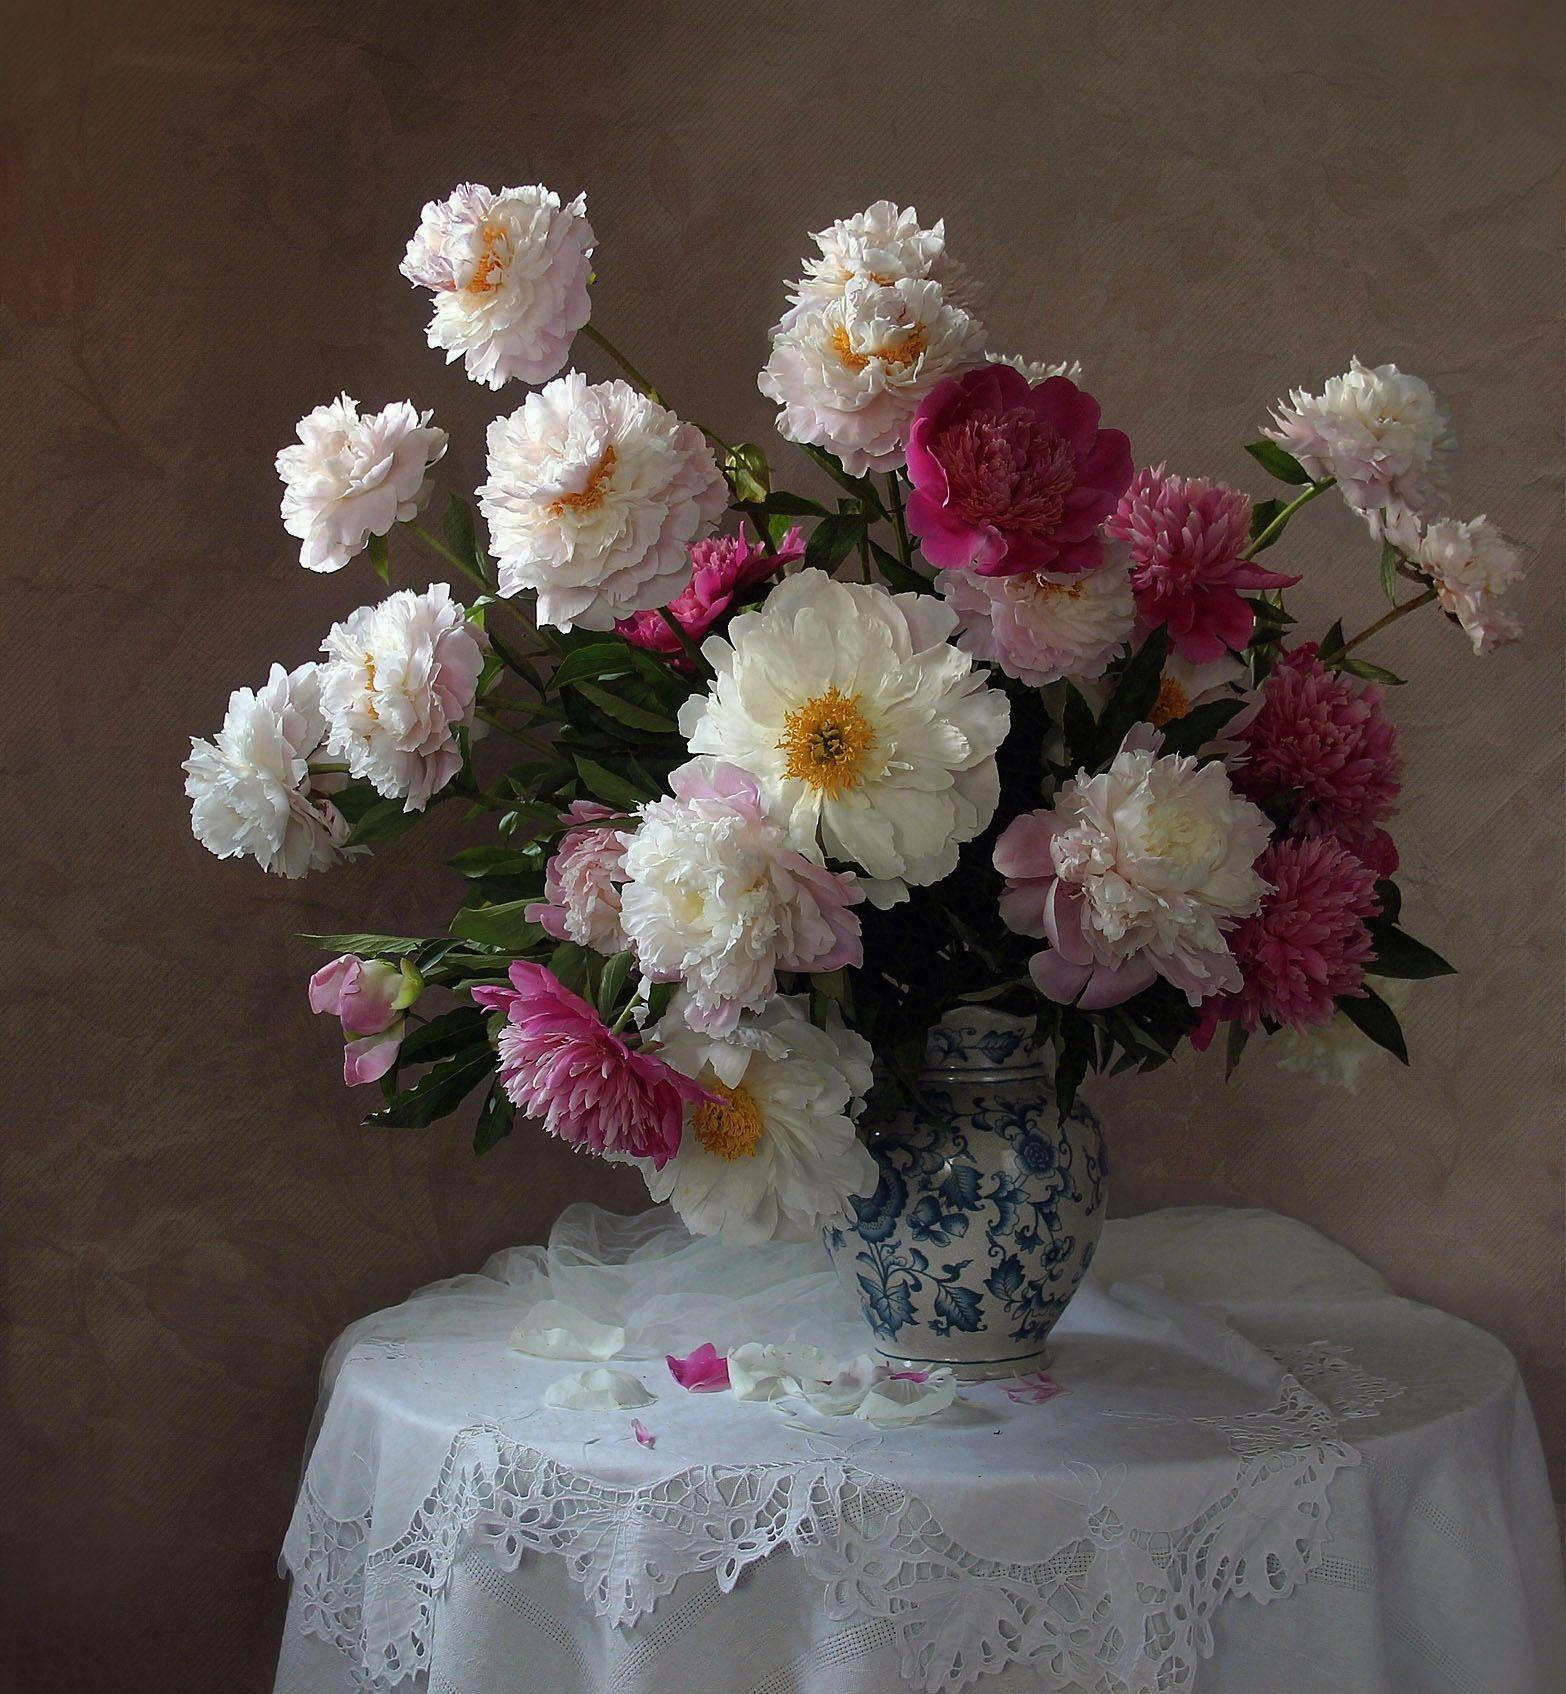 букет цветов фото в вазе обычно года фотографируют